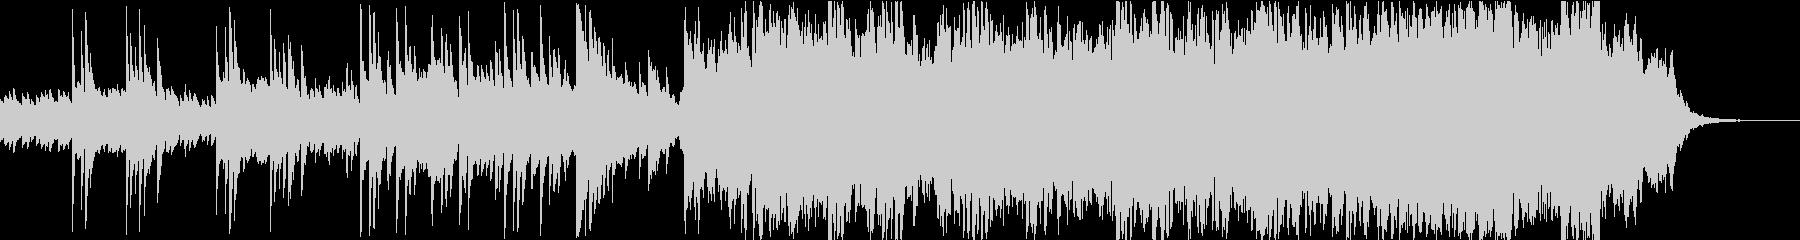 ピアノ アンビエント 水のせせらぎの未再生の波形